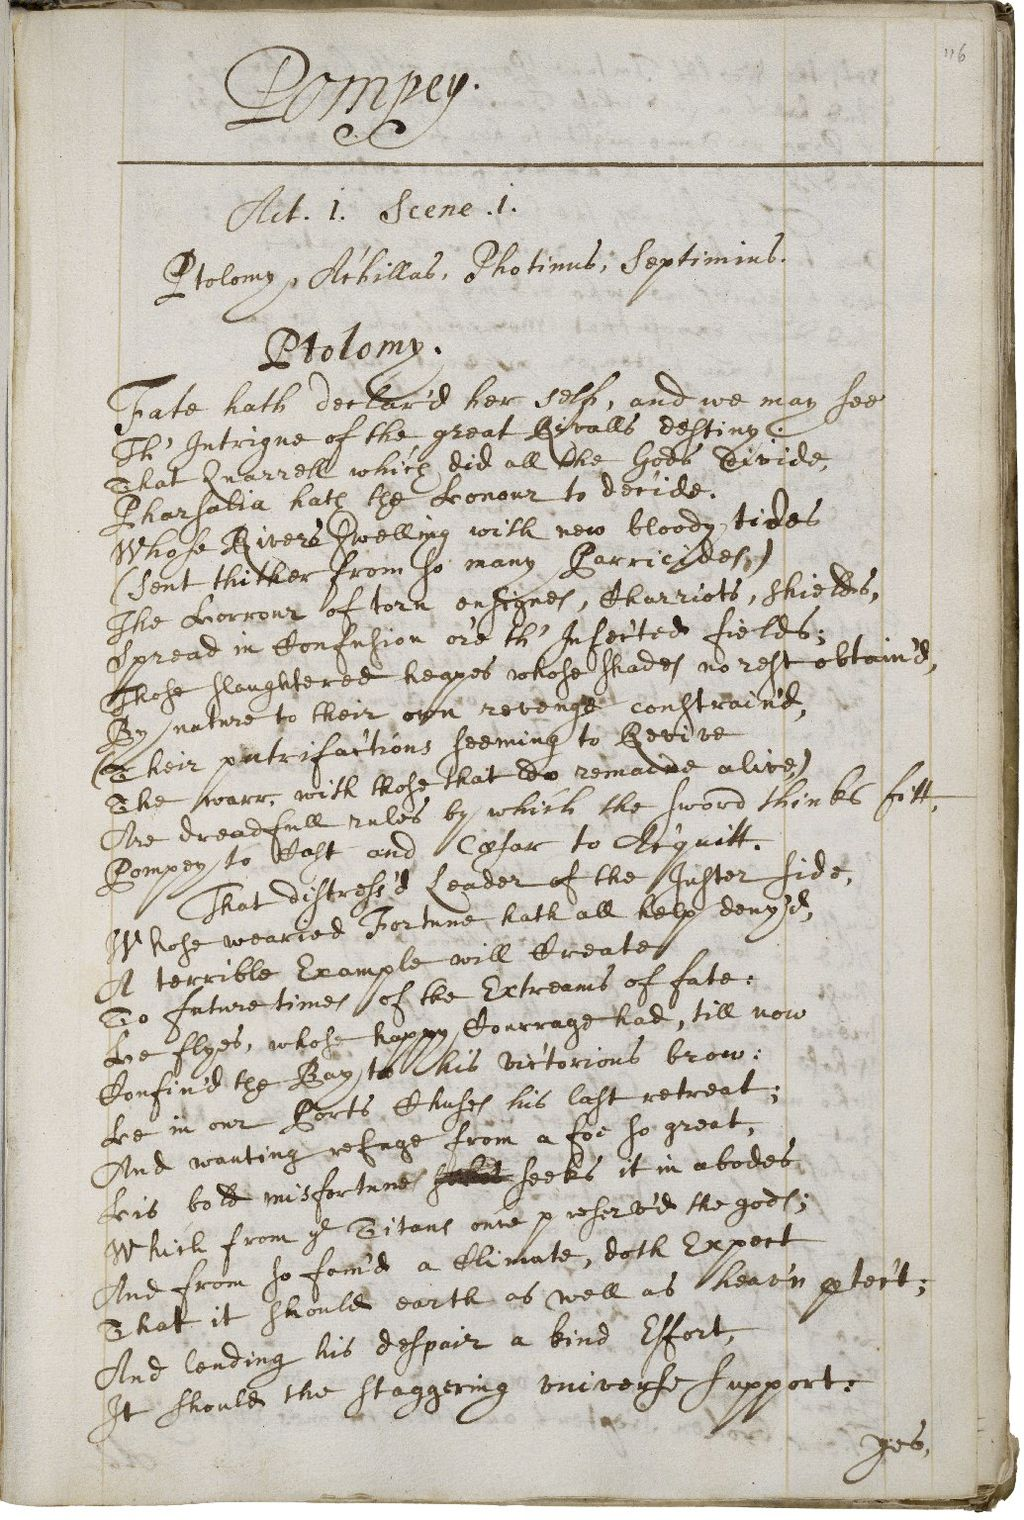 1670 Philips manuscript